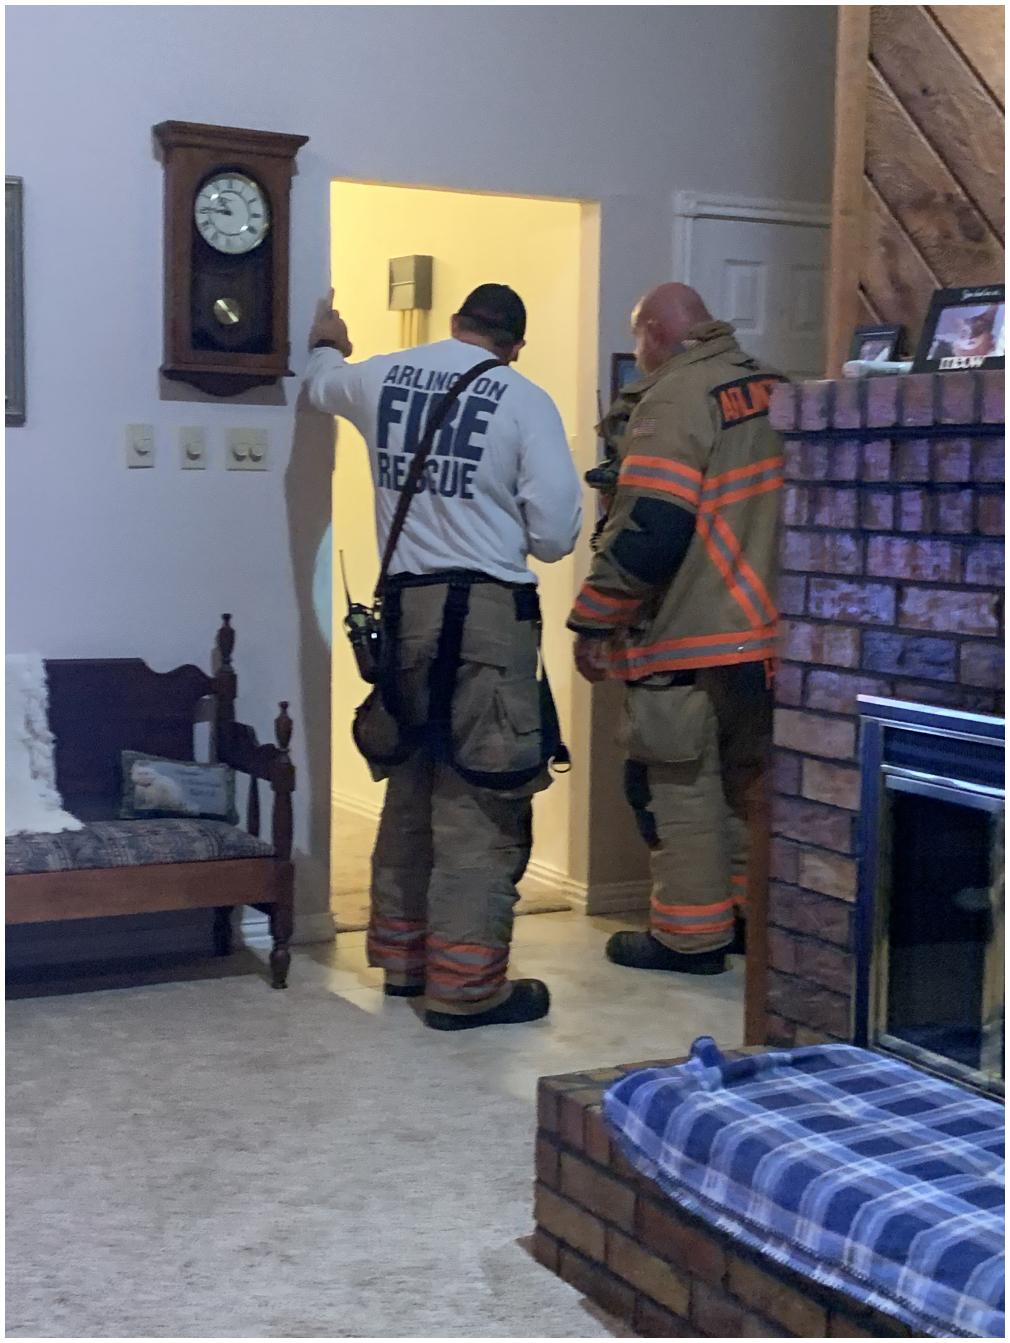 Firemen In My House!